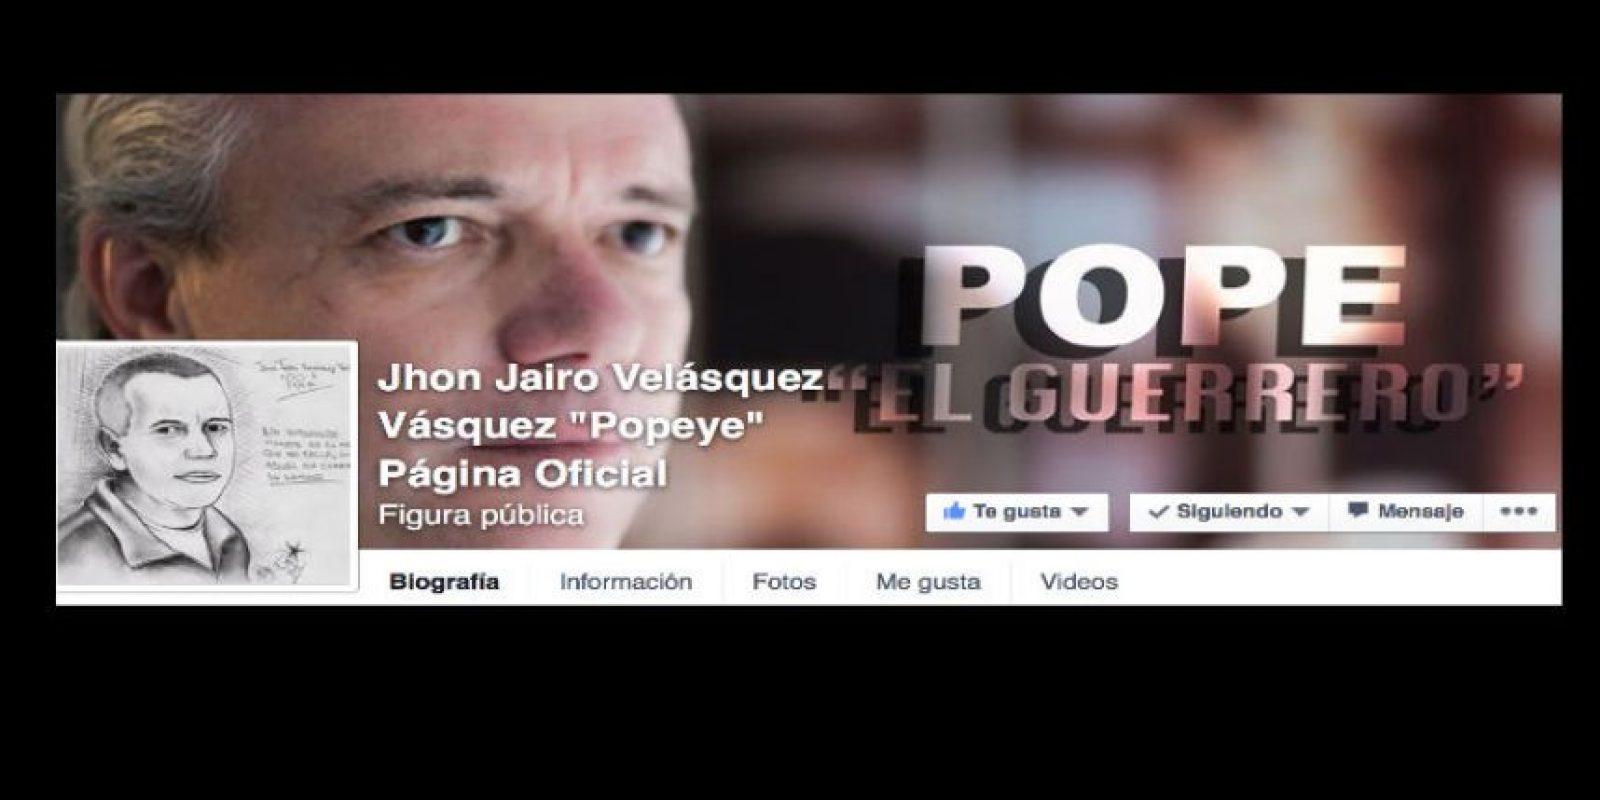 """John Jairo Velásquez, alias """"Popeye"""", es el único sobreviviente de Pablo Escobar. Foto:vía Facebook/Pope El Guerrero"""